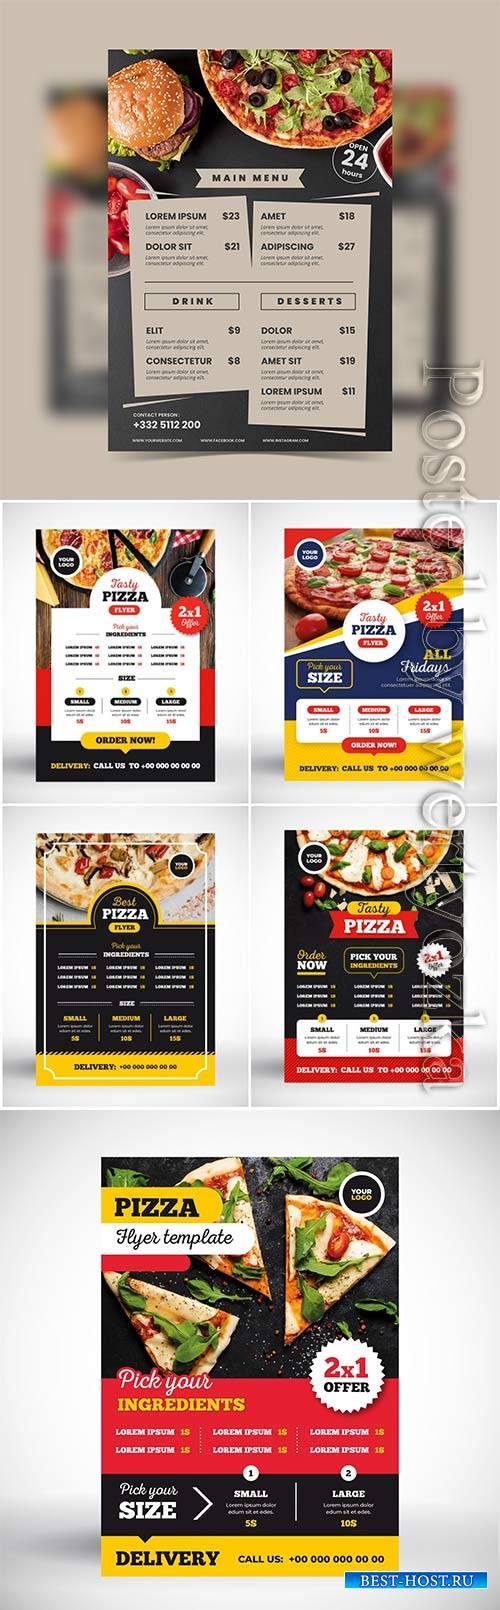 Pizza menu vector concept